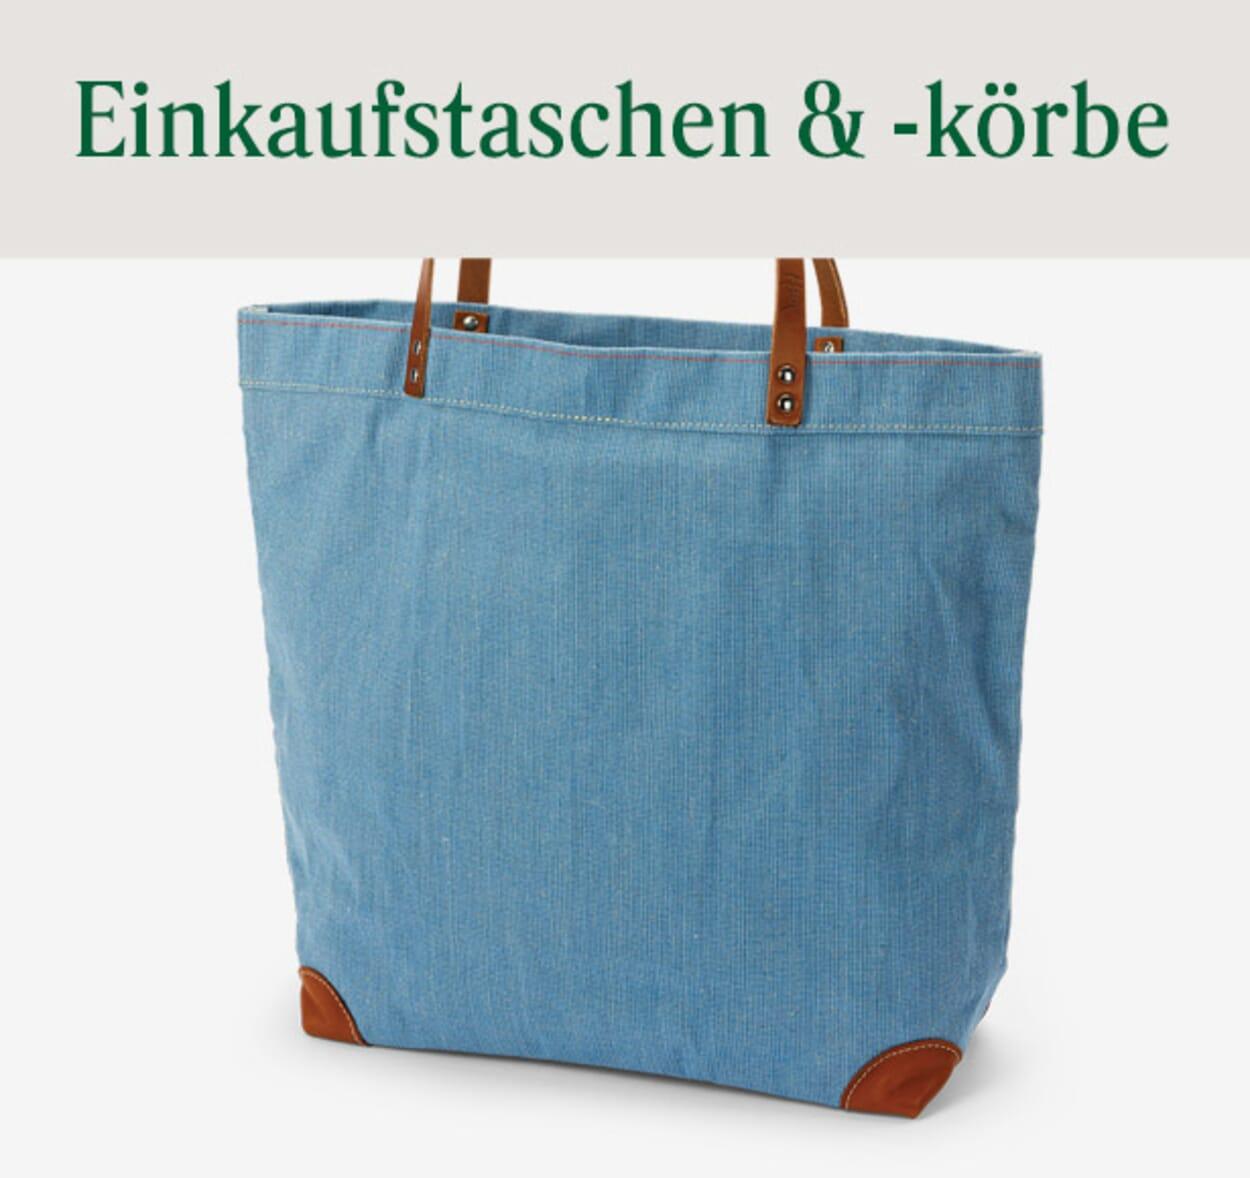 Einkaufstaschen & -körbe